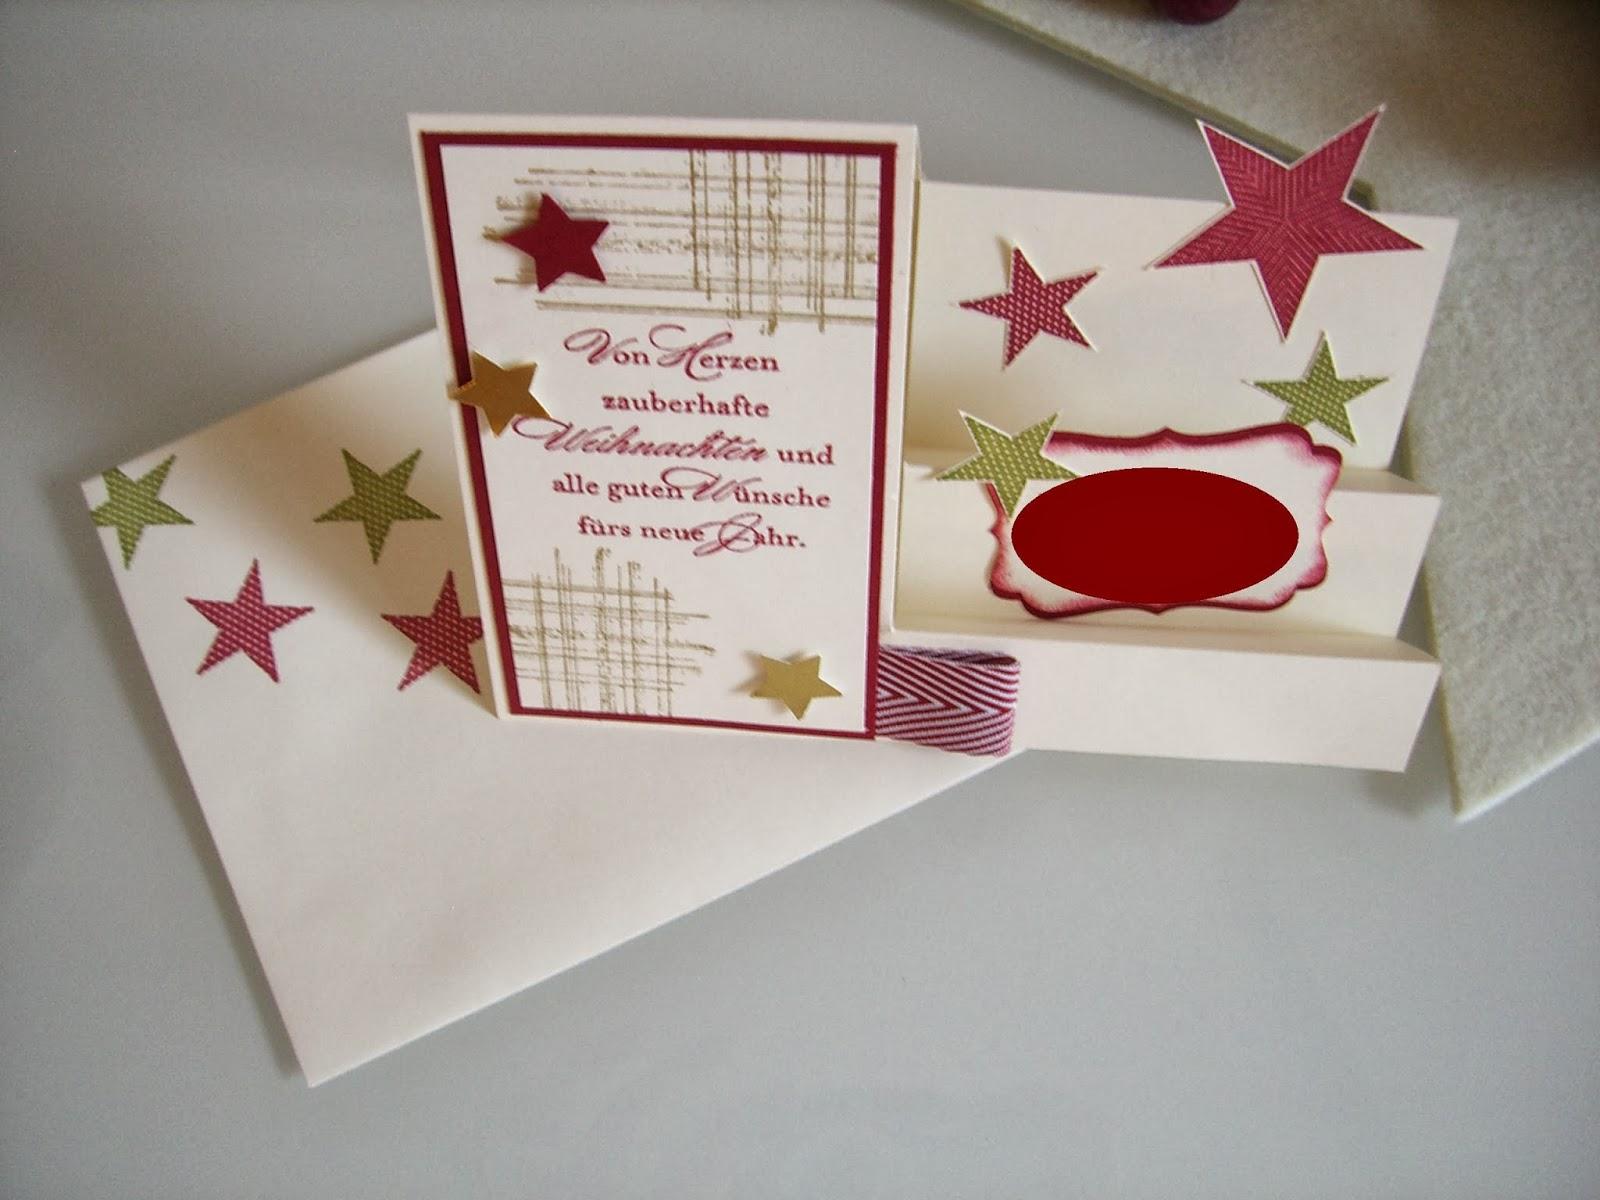 Treppenkarte mit Umschlag